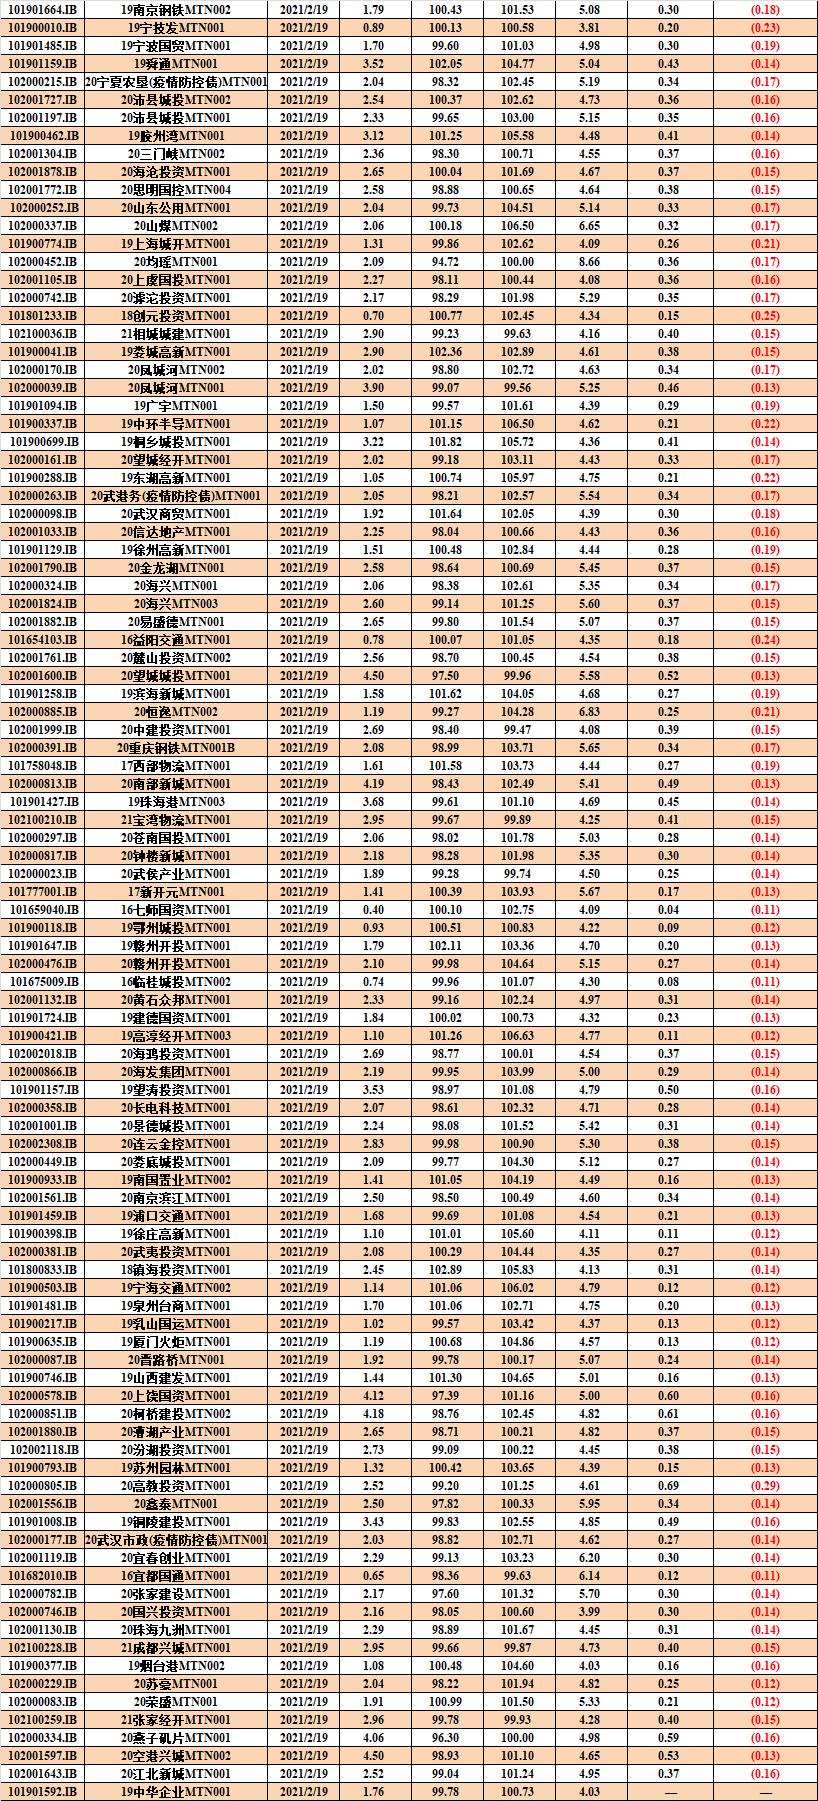 中债资信CBR非金融企业信用债曲线及估值日报-20210219